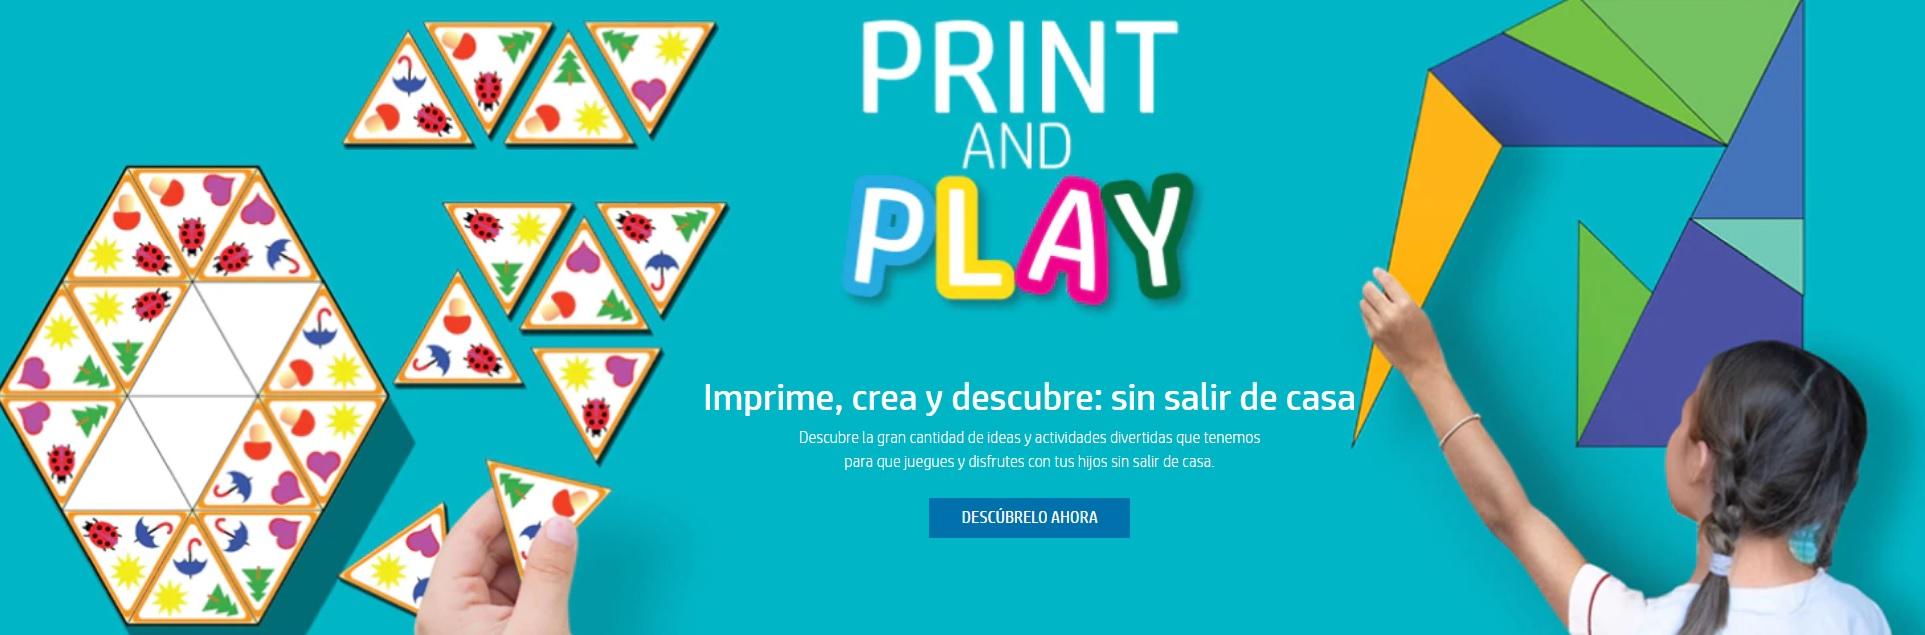 HP lanza la plataforma Print, Play & Learn: disfruta de contenidos gratuitos con los más pequeños 34